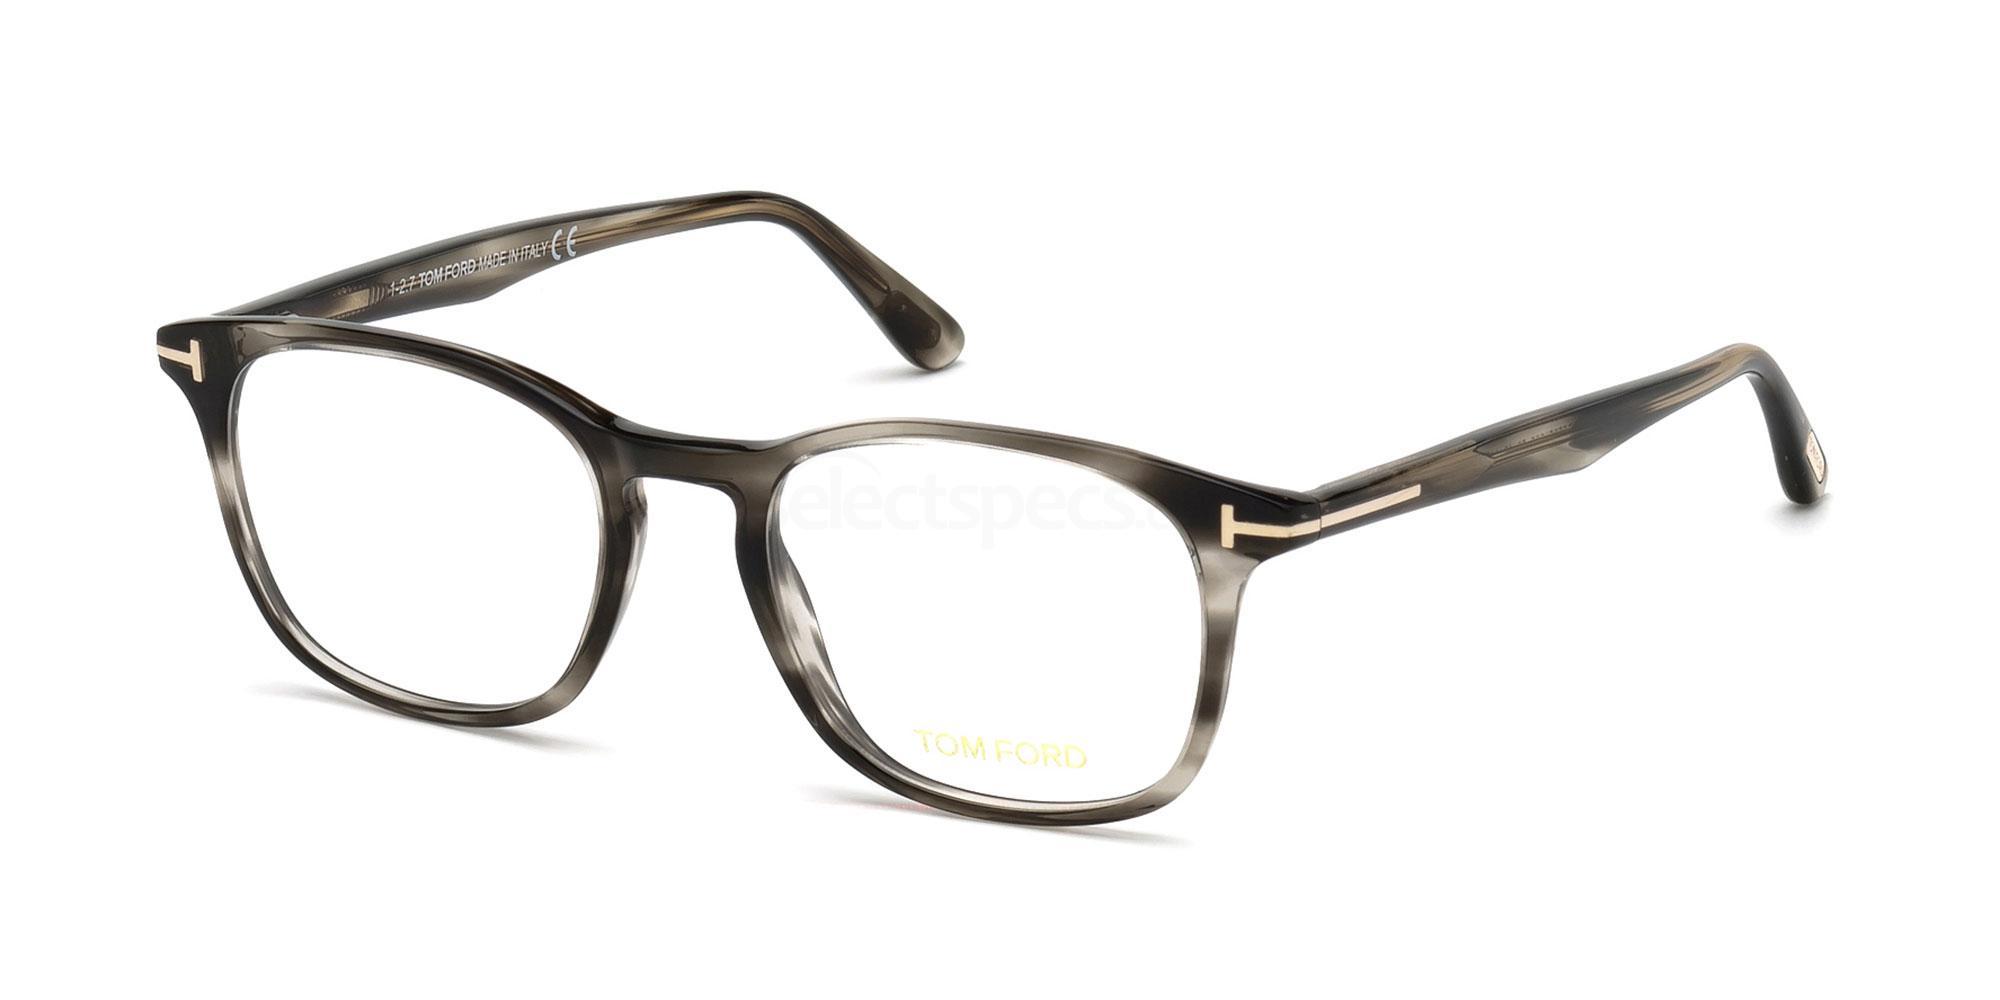 005 FT5505 Glasses, Tom Ford